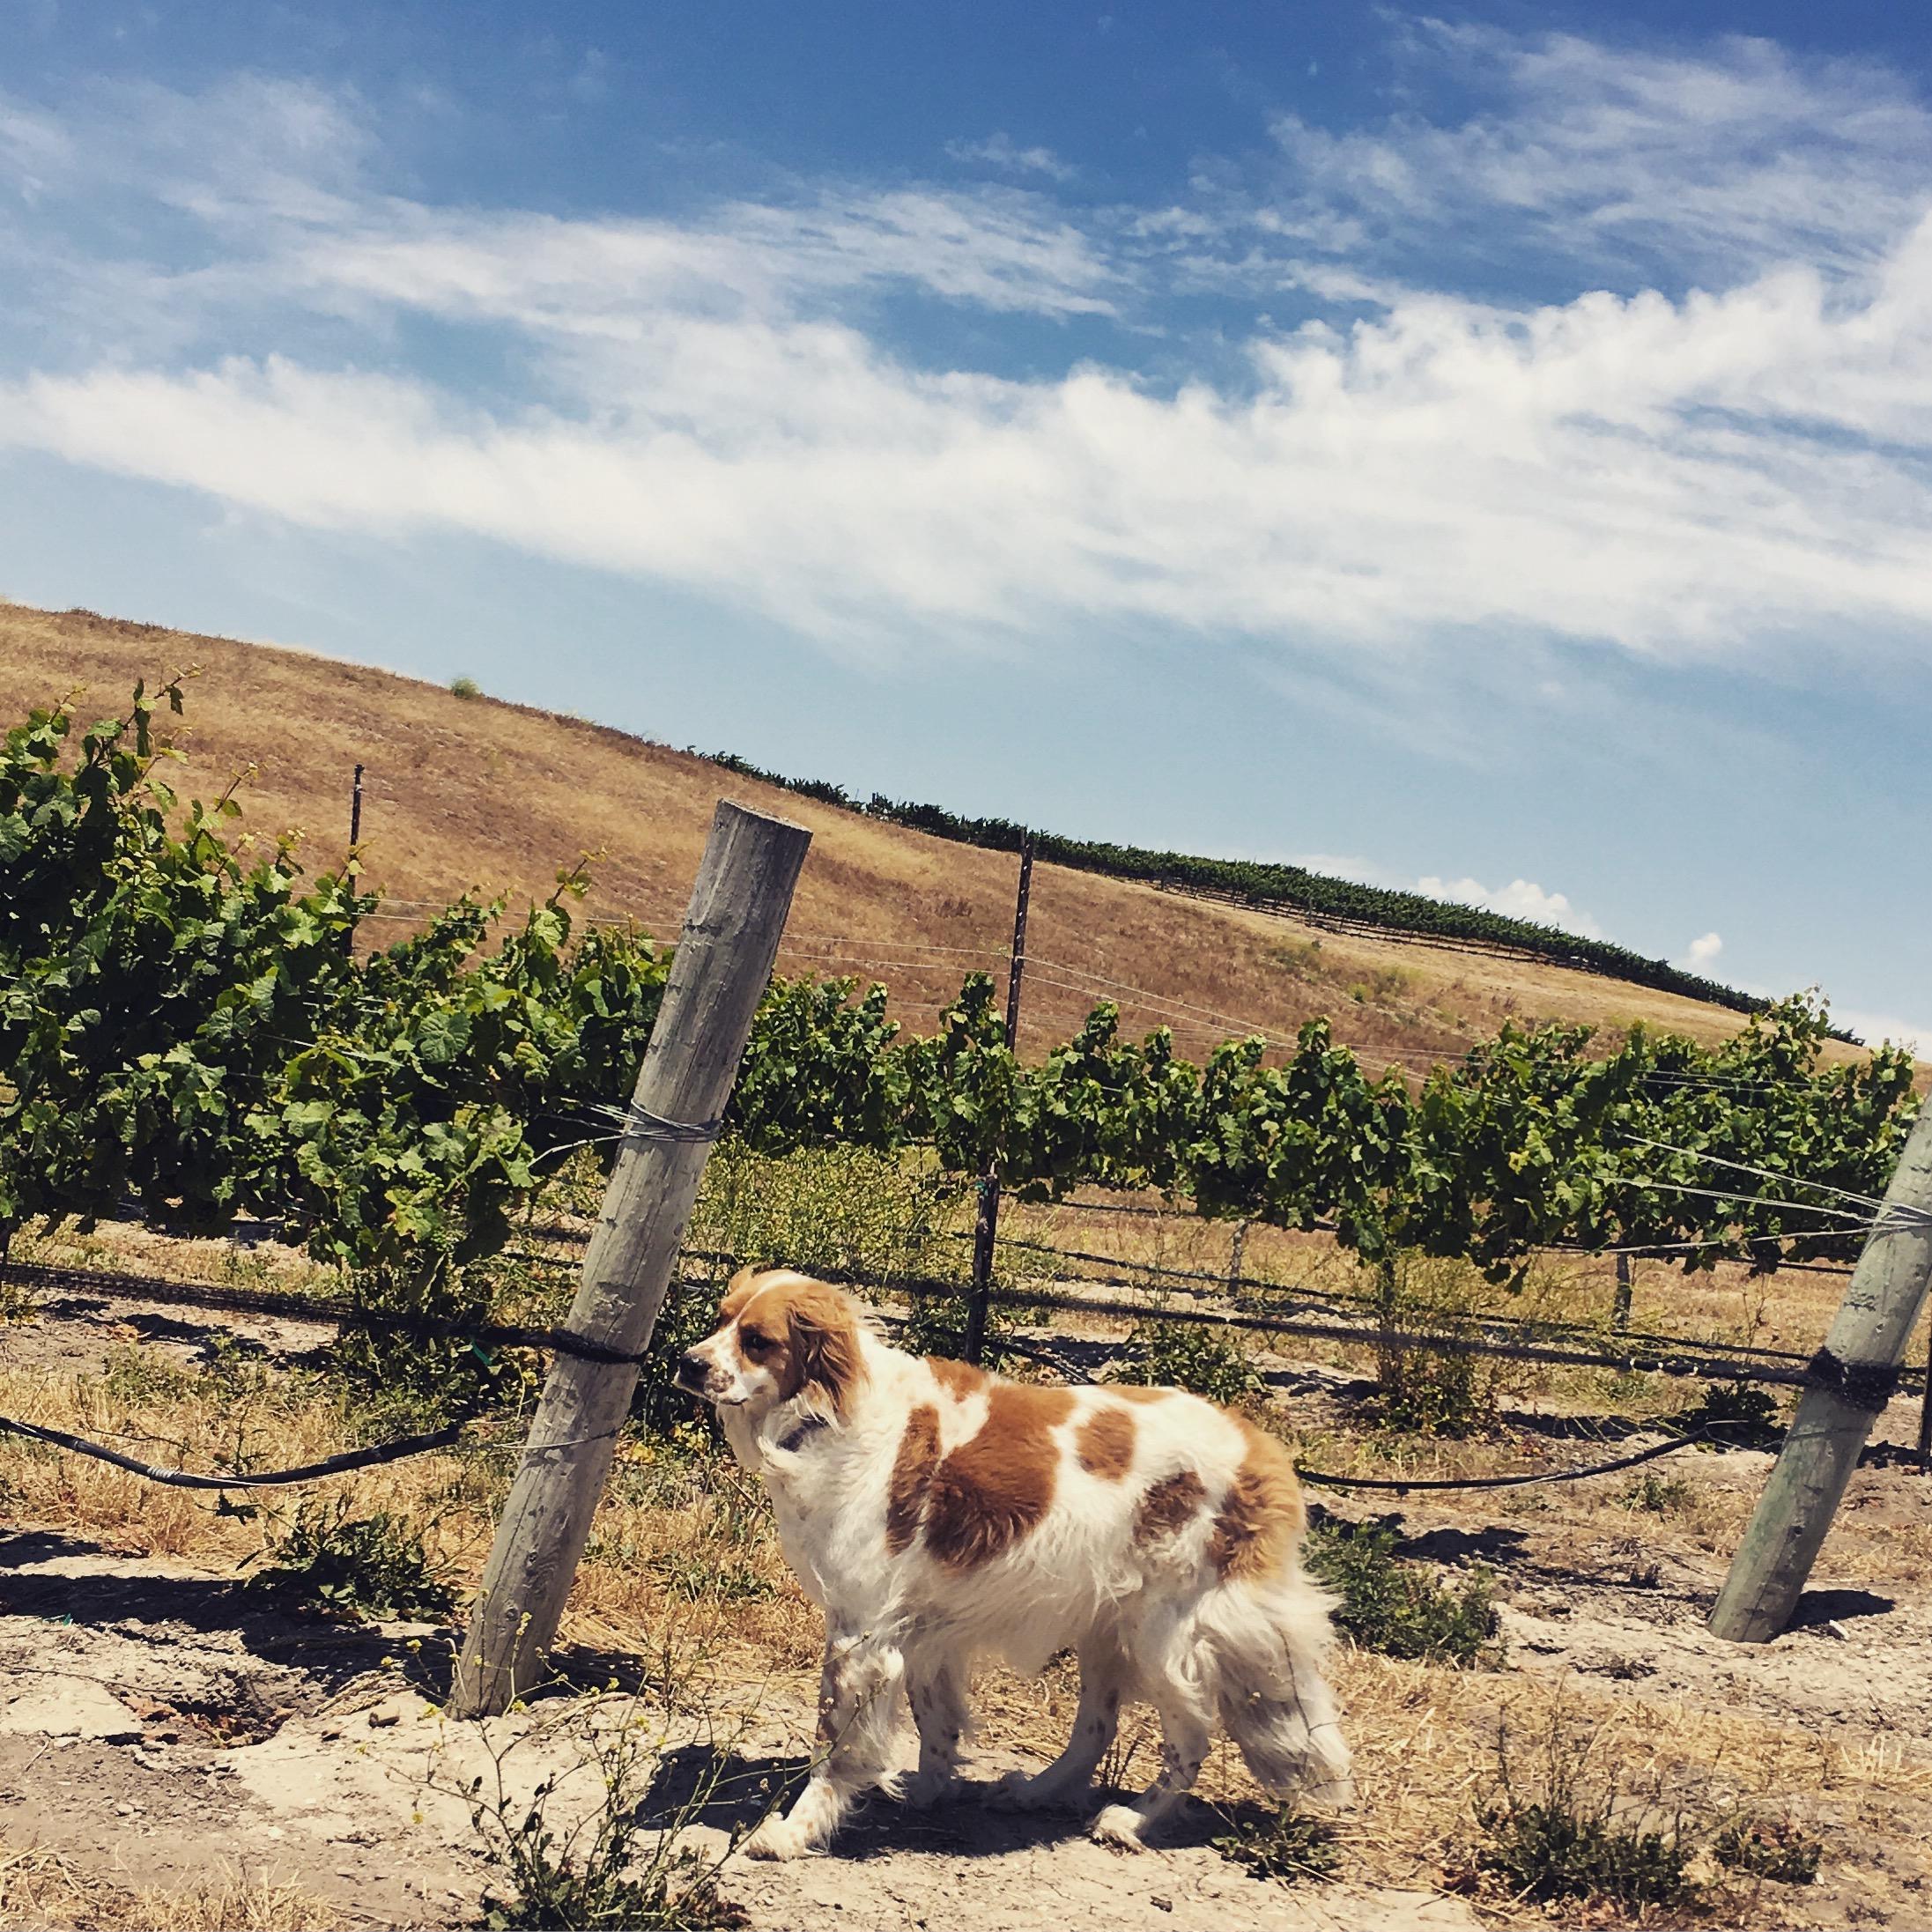 Winery dog Iris in vineyard